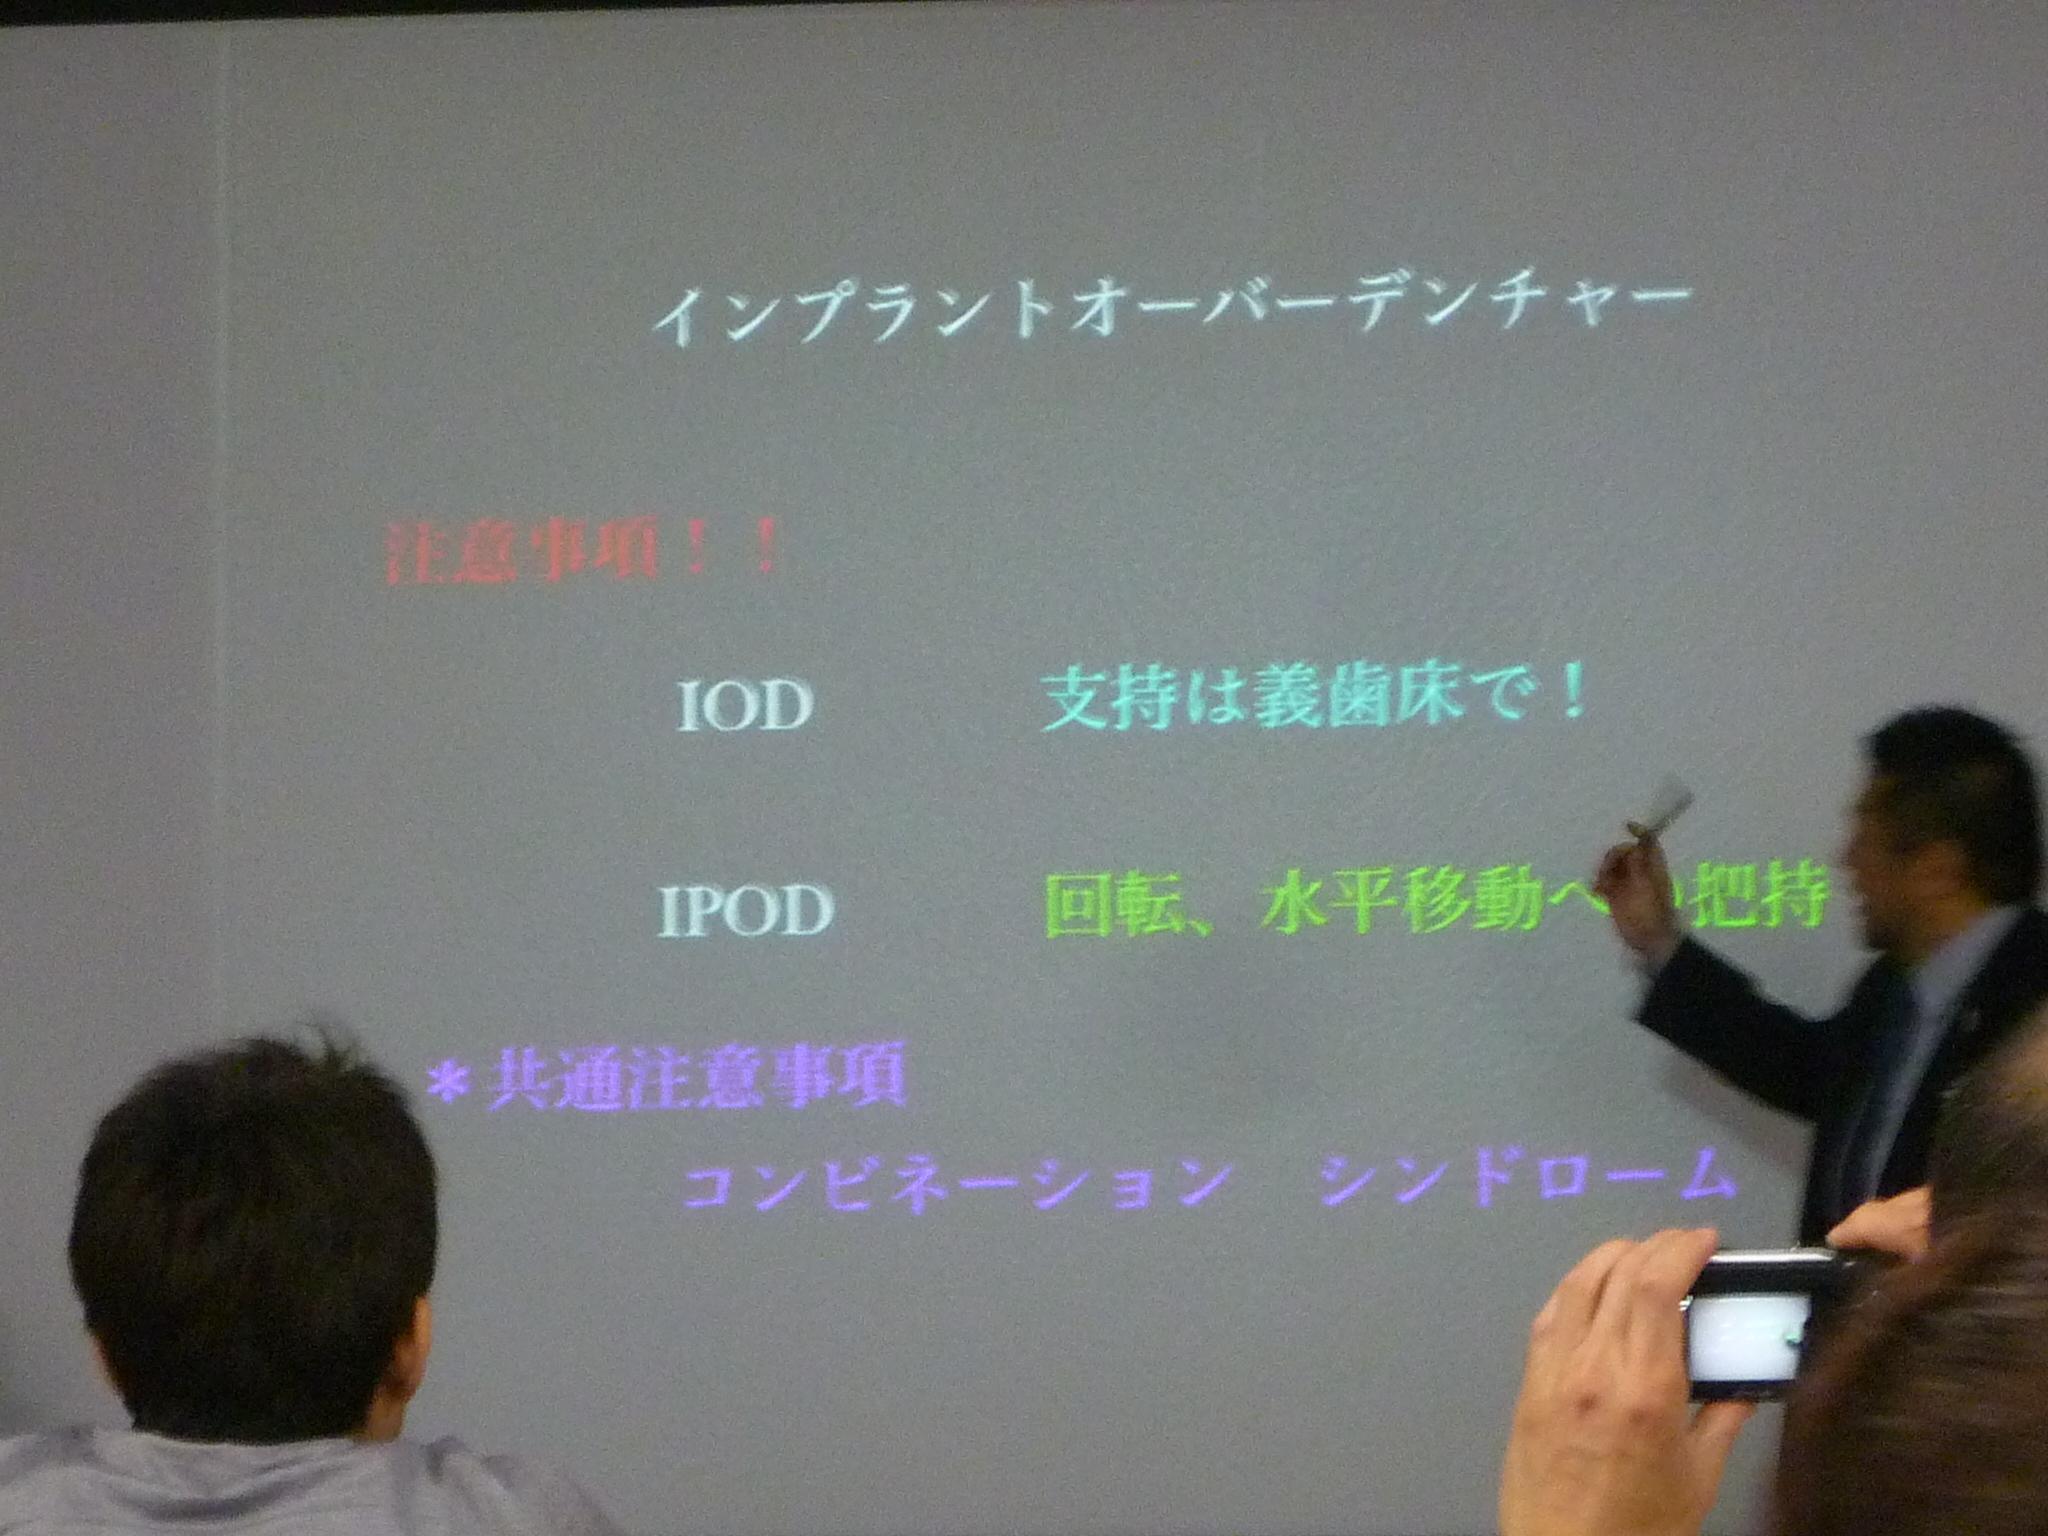 松本先生ブログ